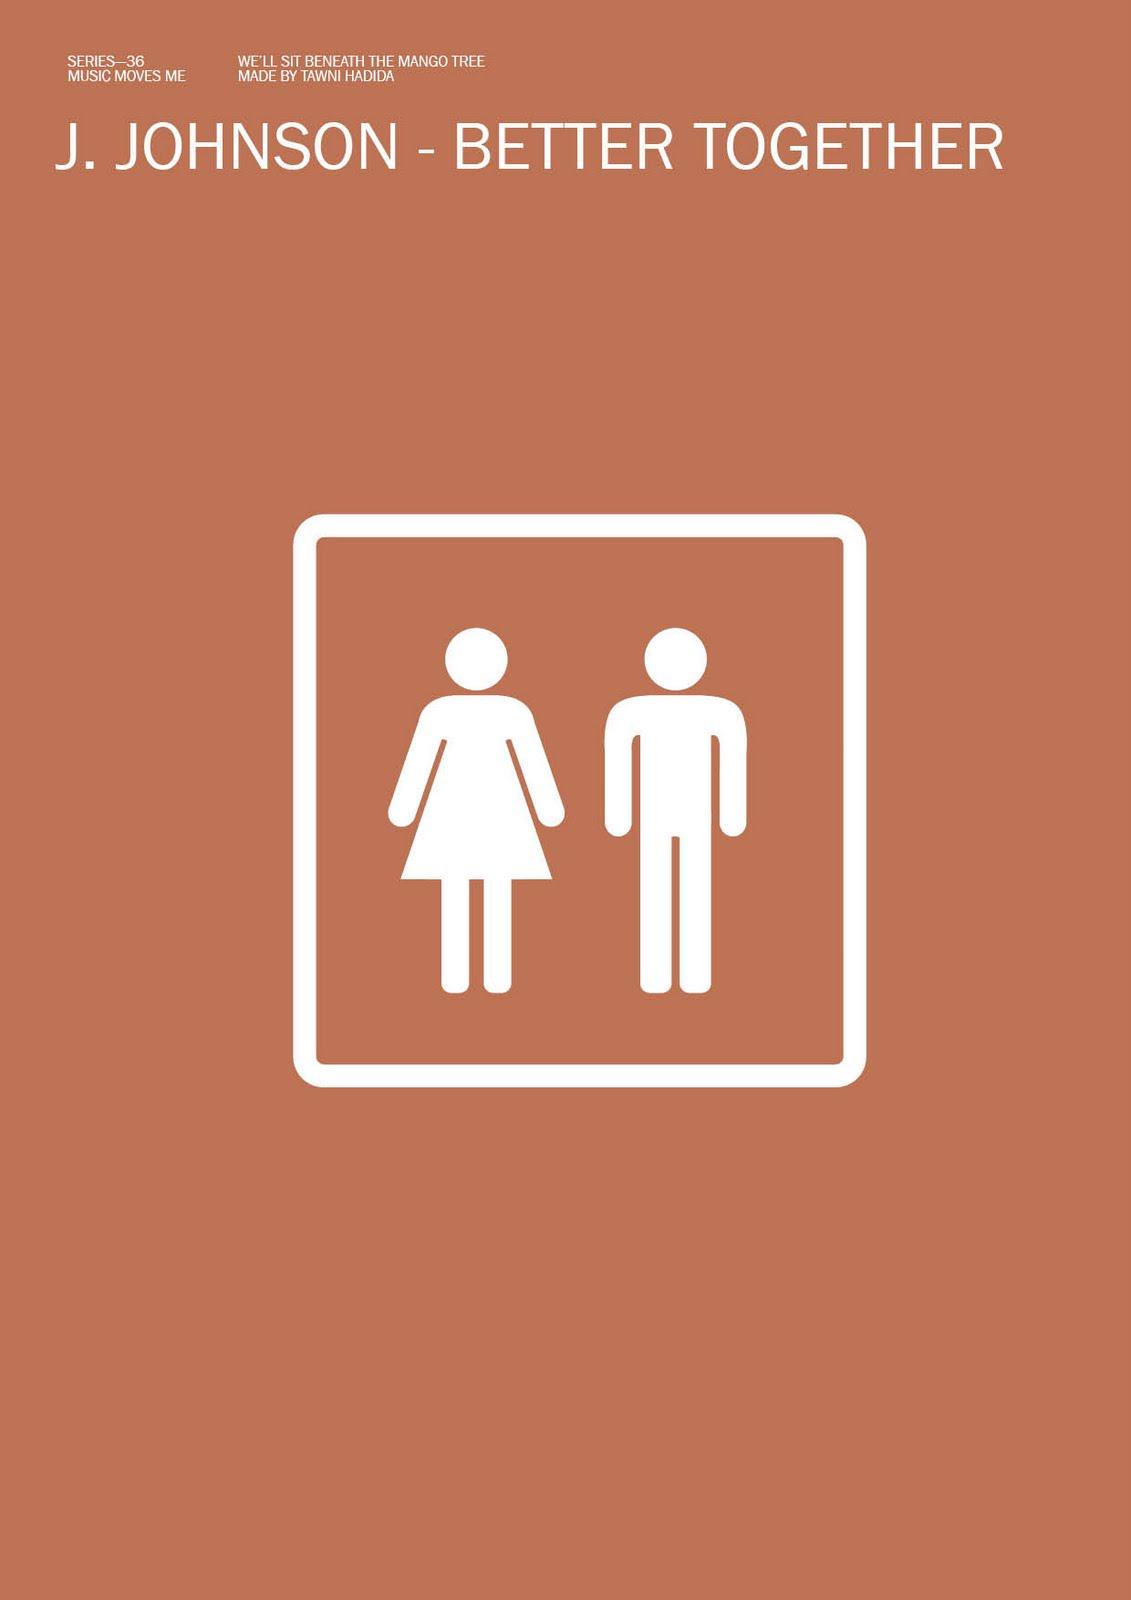 http://3.bp.blogspot.com/_FG7DQcXMAWQ/S_2V-U3GStI/AAAAAAAAAG0/BTy8kaceqt4/s1600/260510_Better+Together.jpg